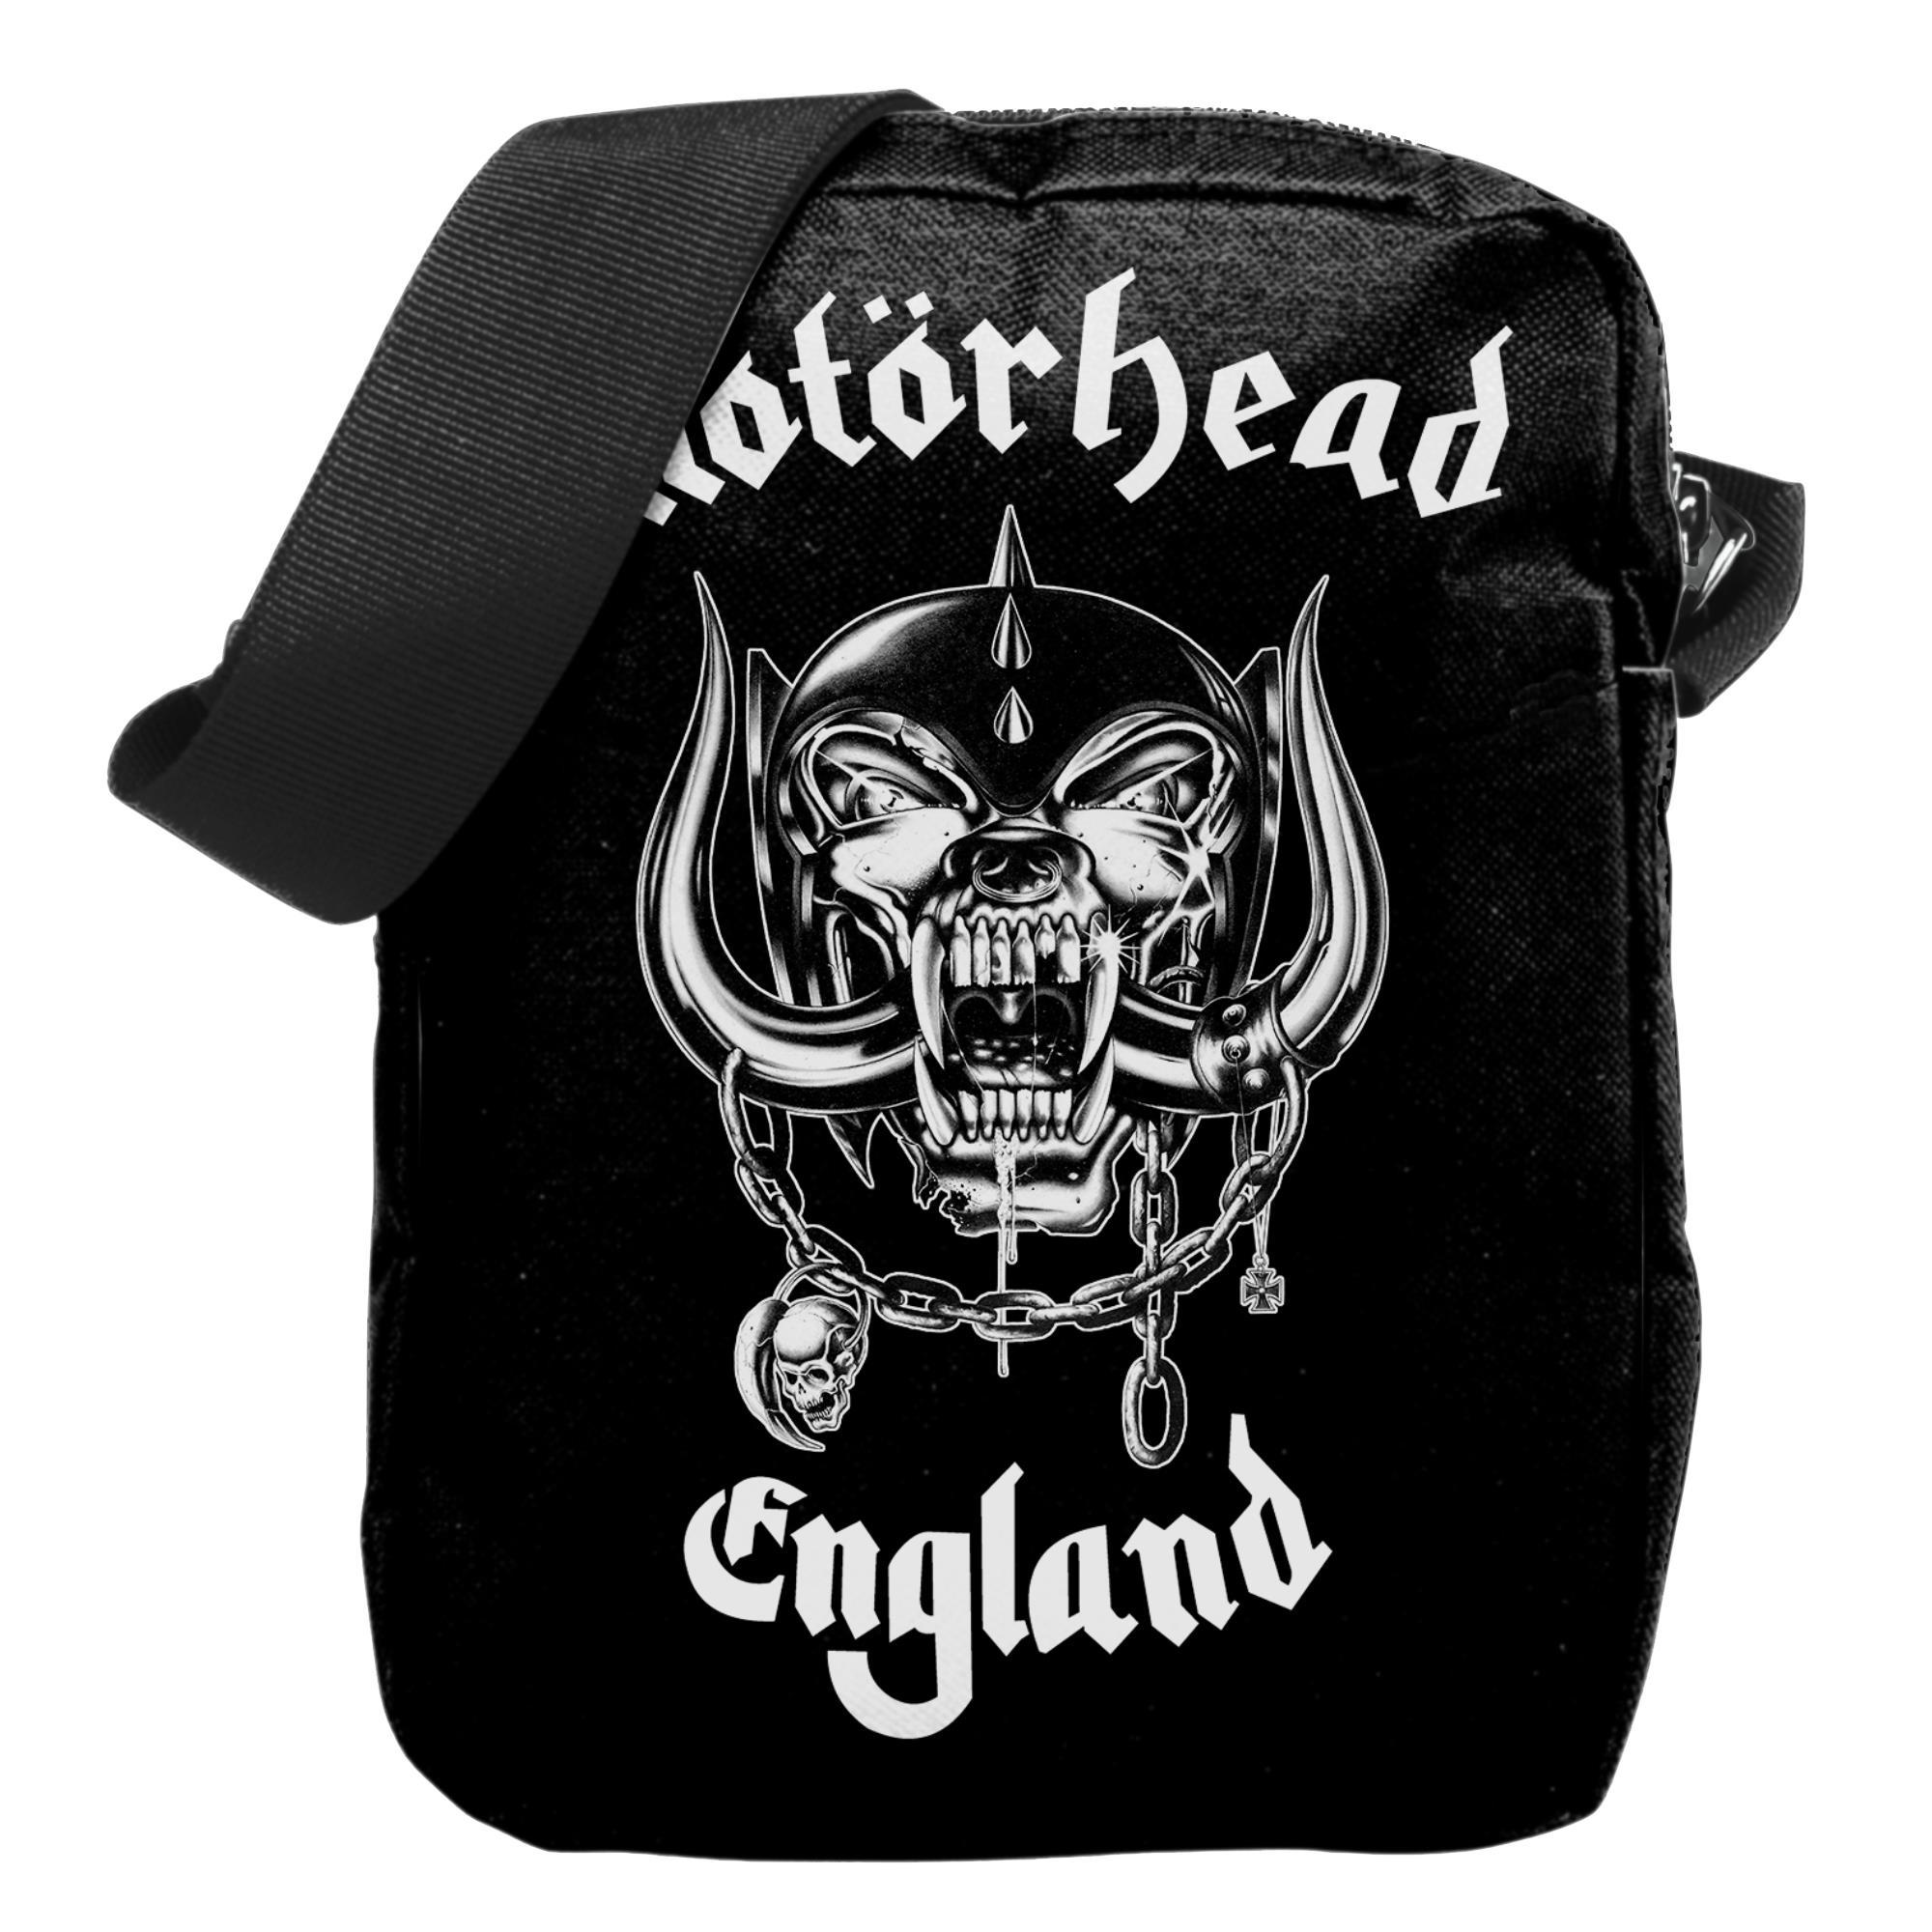 England Crossbody Bag